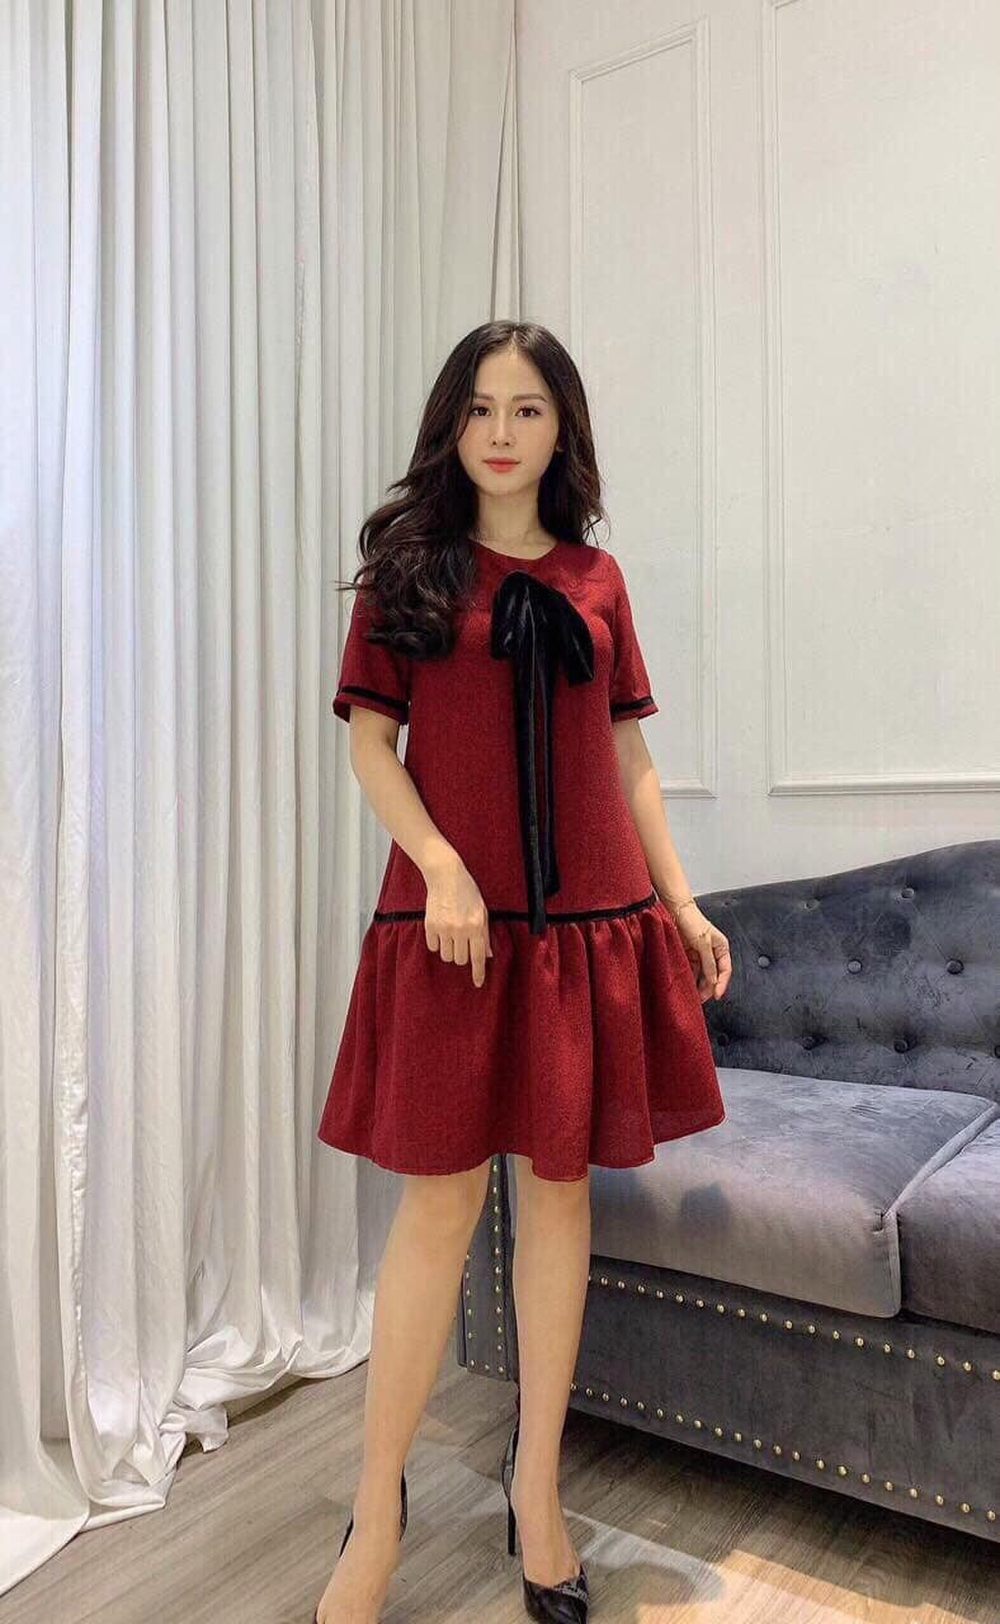 Huyền Mỹ Shop – Thổi làn gió mới vào ngành thời trang Việt Ảnh 2